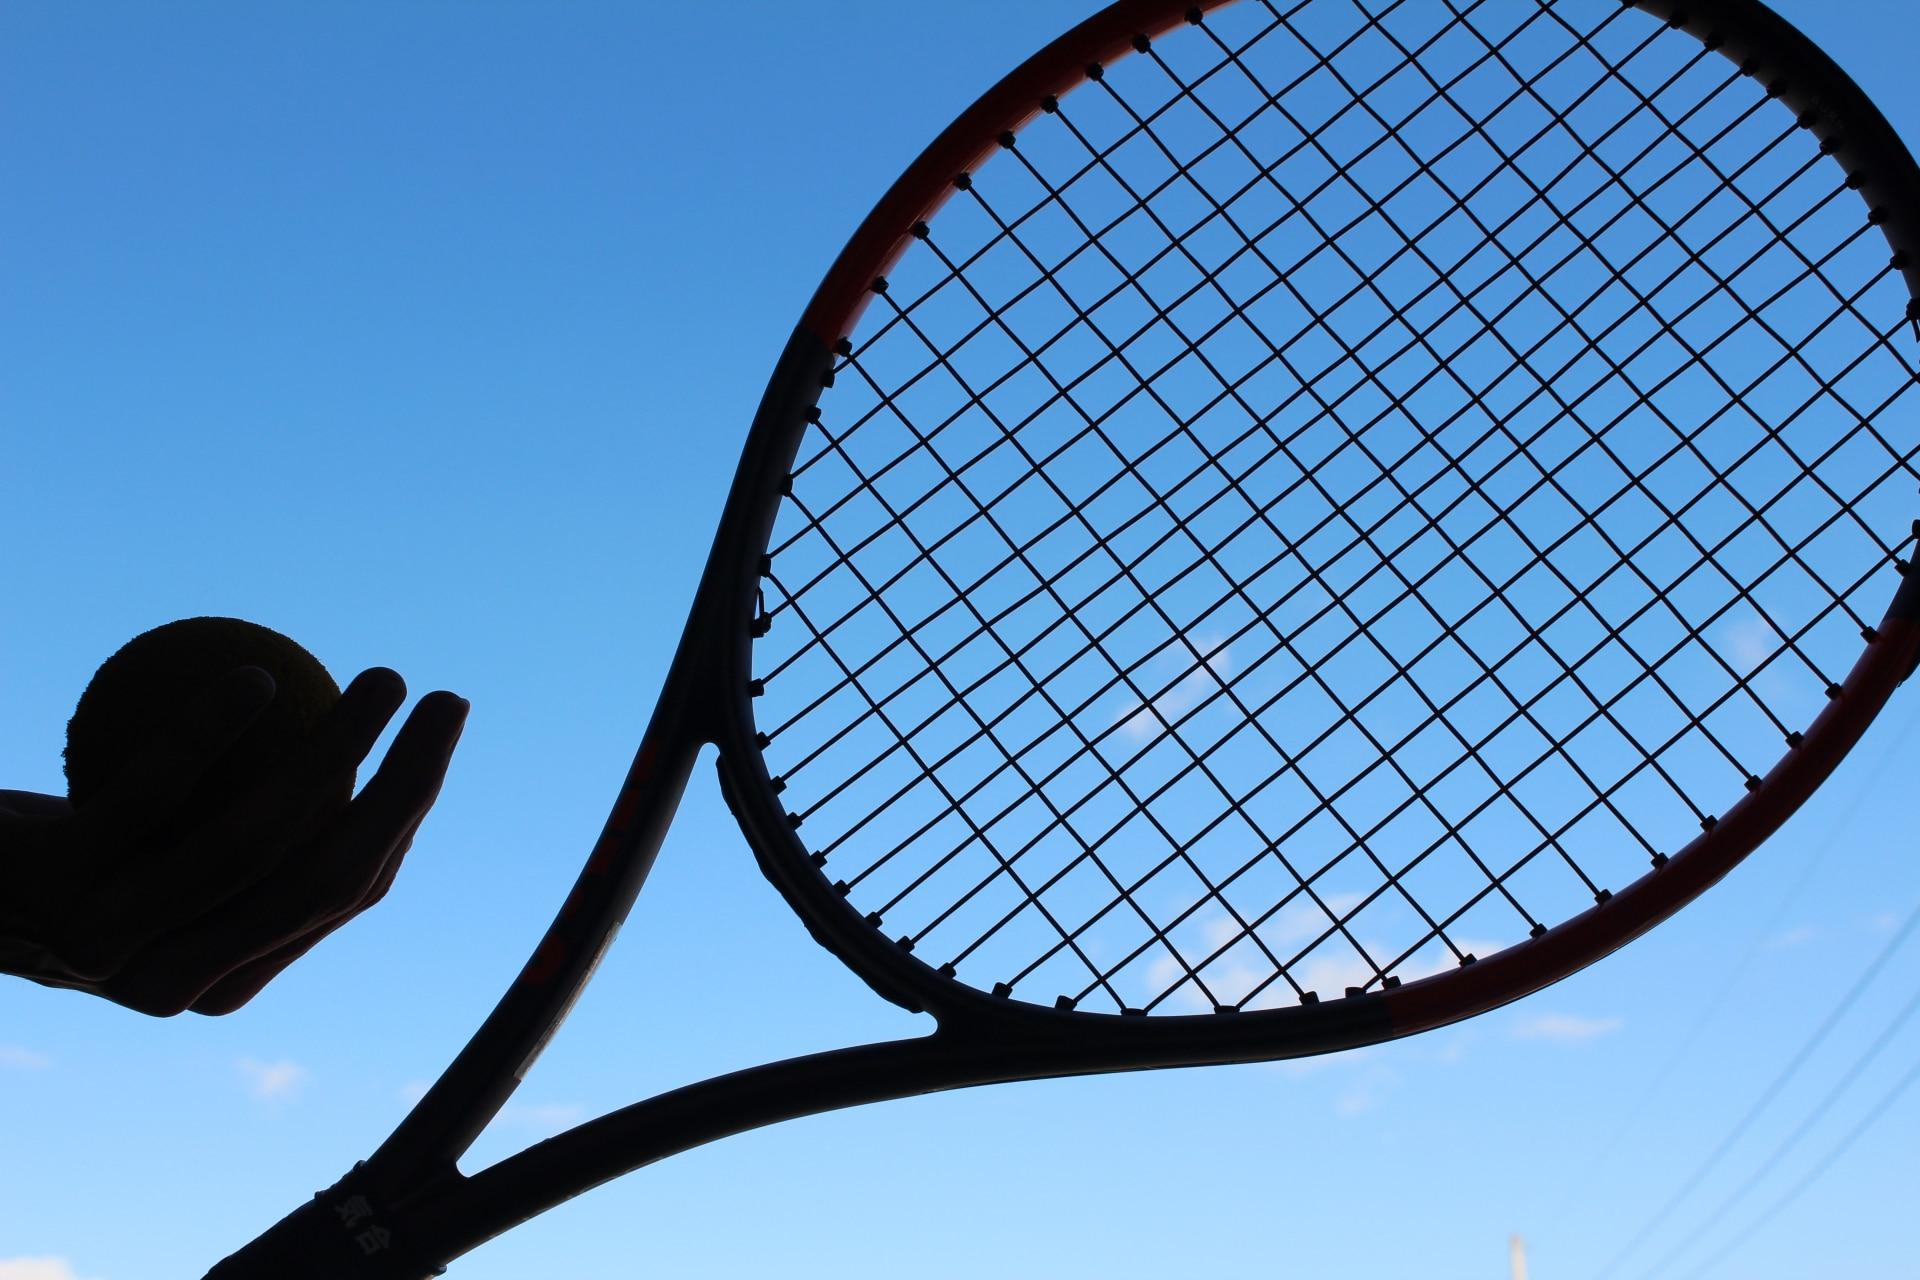 テニスラケットと青空